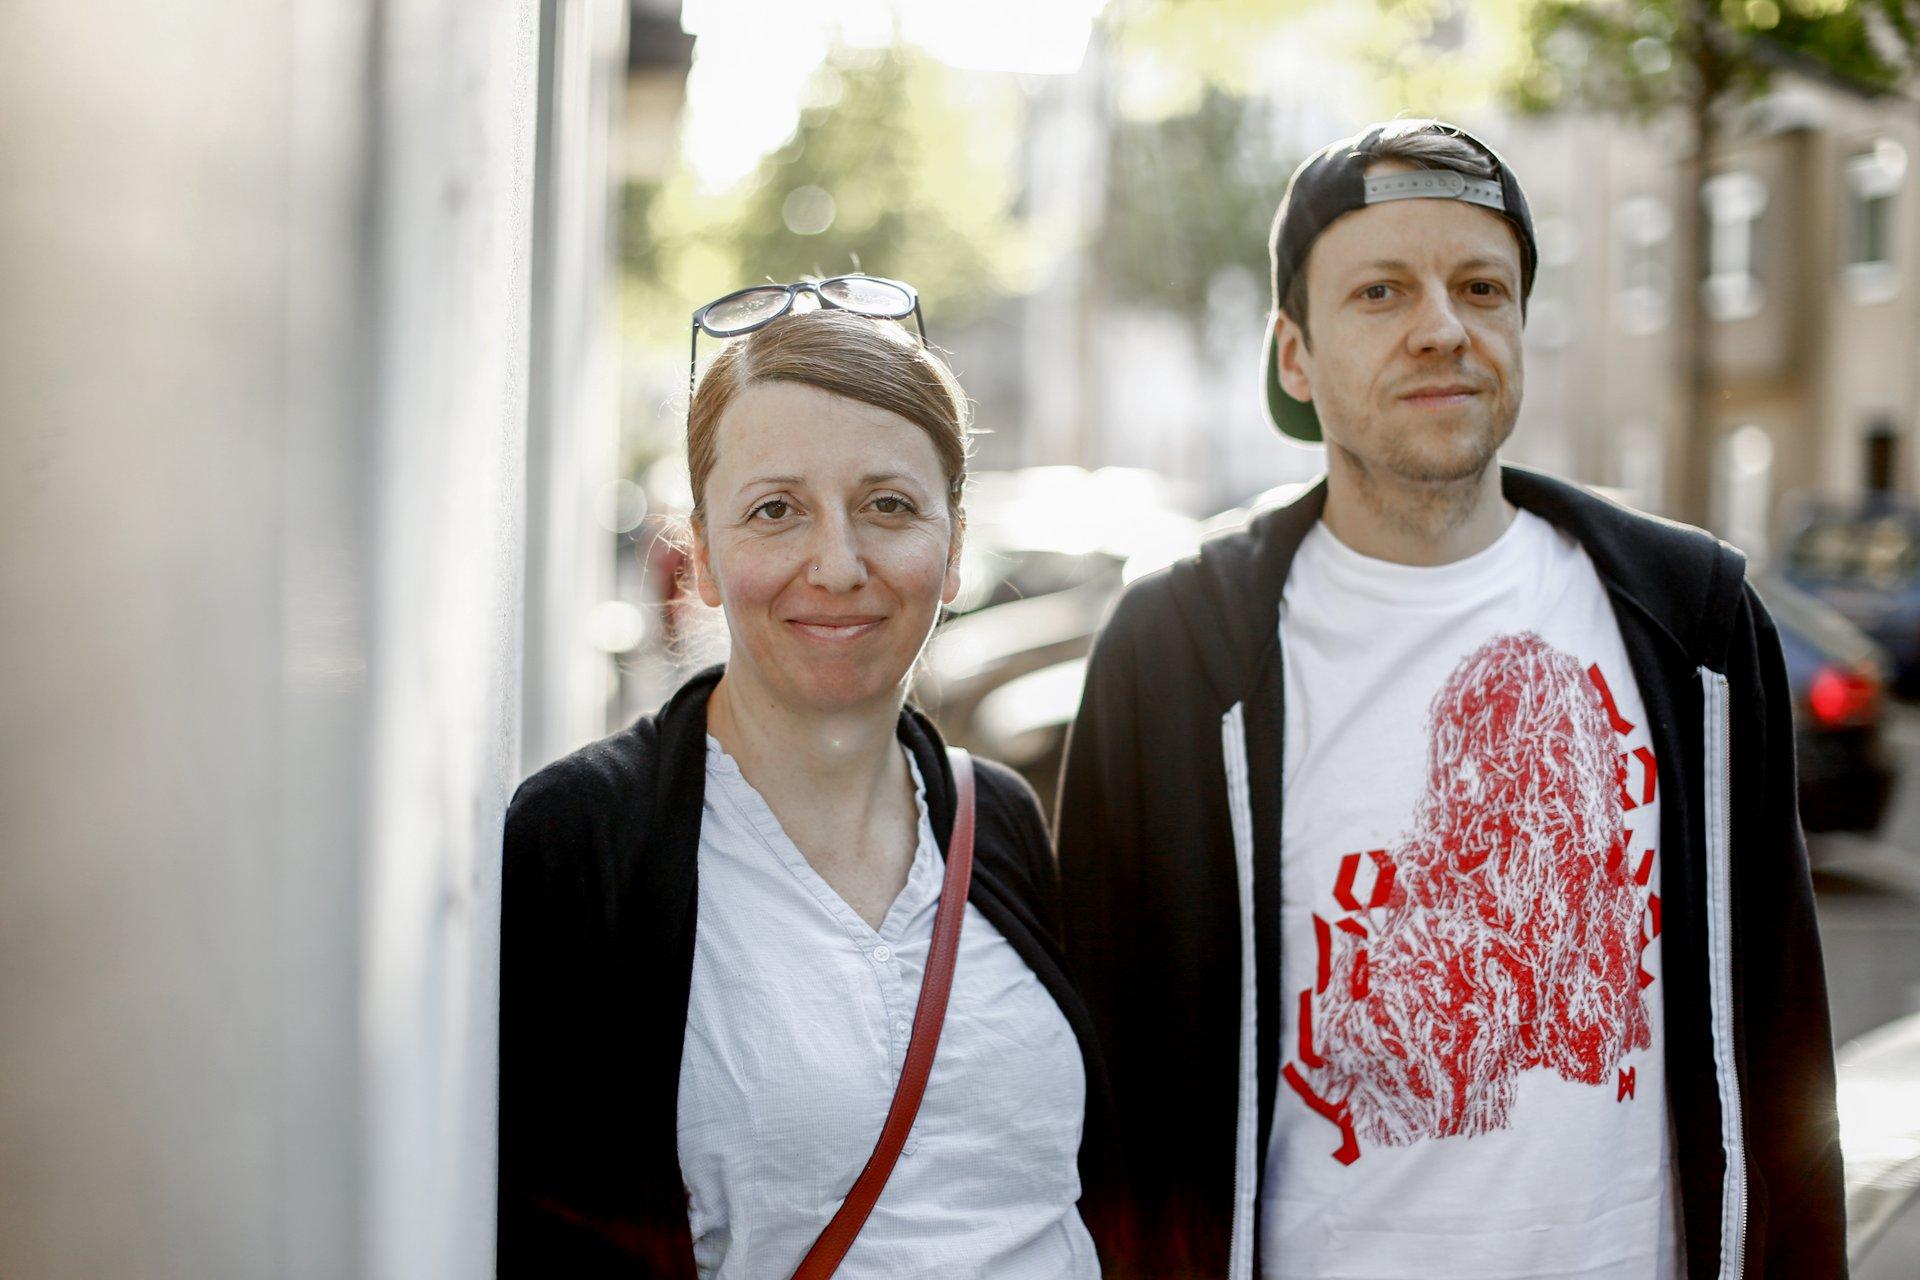 Johanna Puhl Willi Wrinkels GAG Humboldt/Gremberg Köln koelnbeste